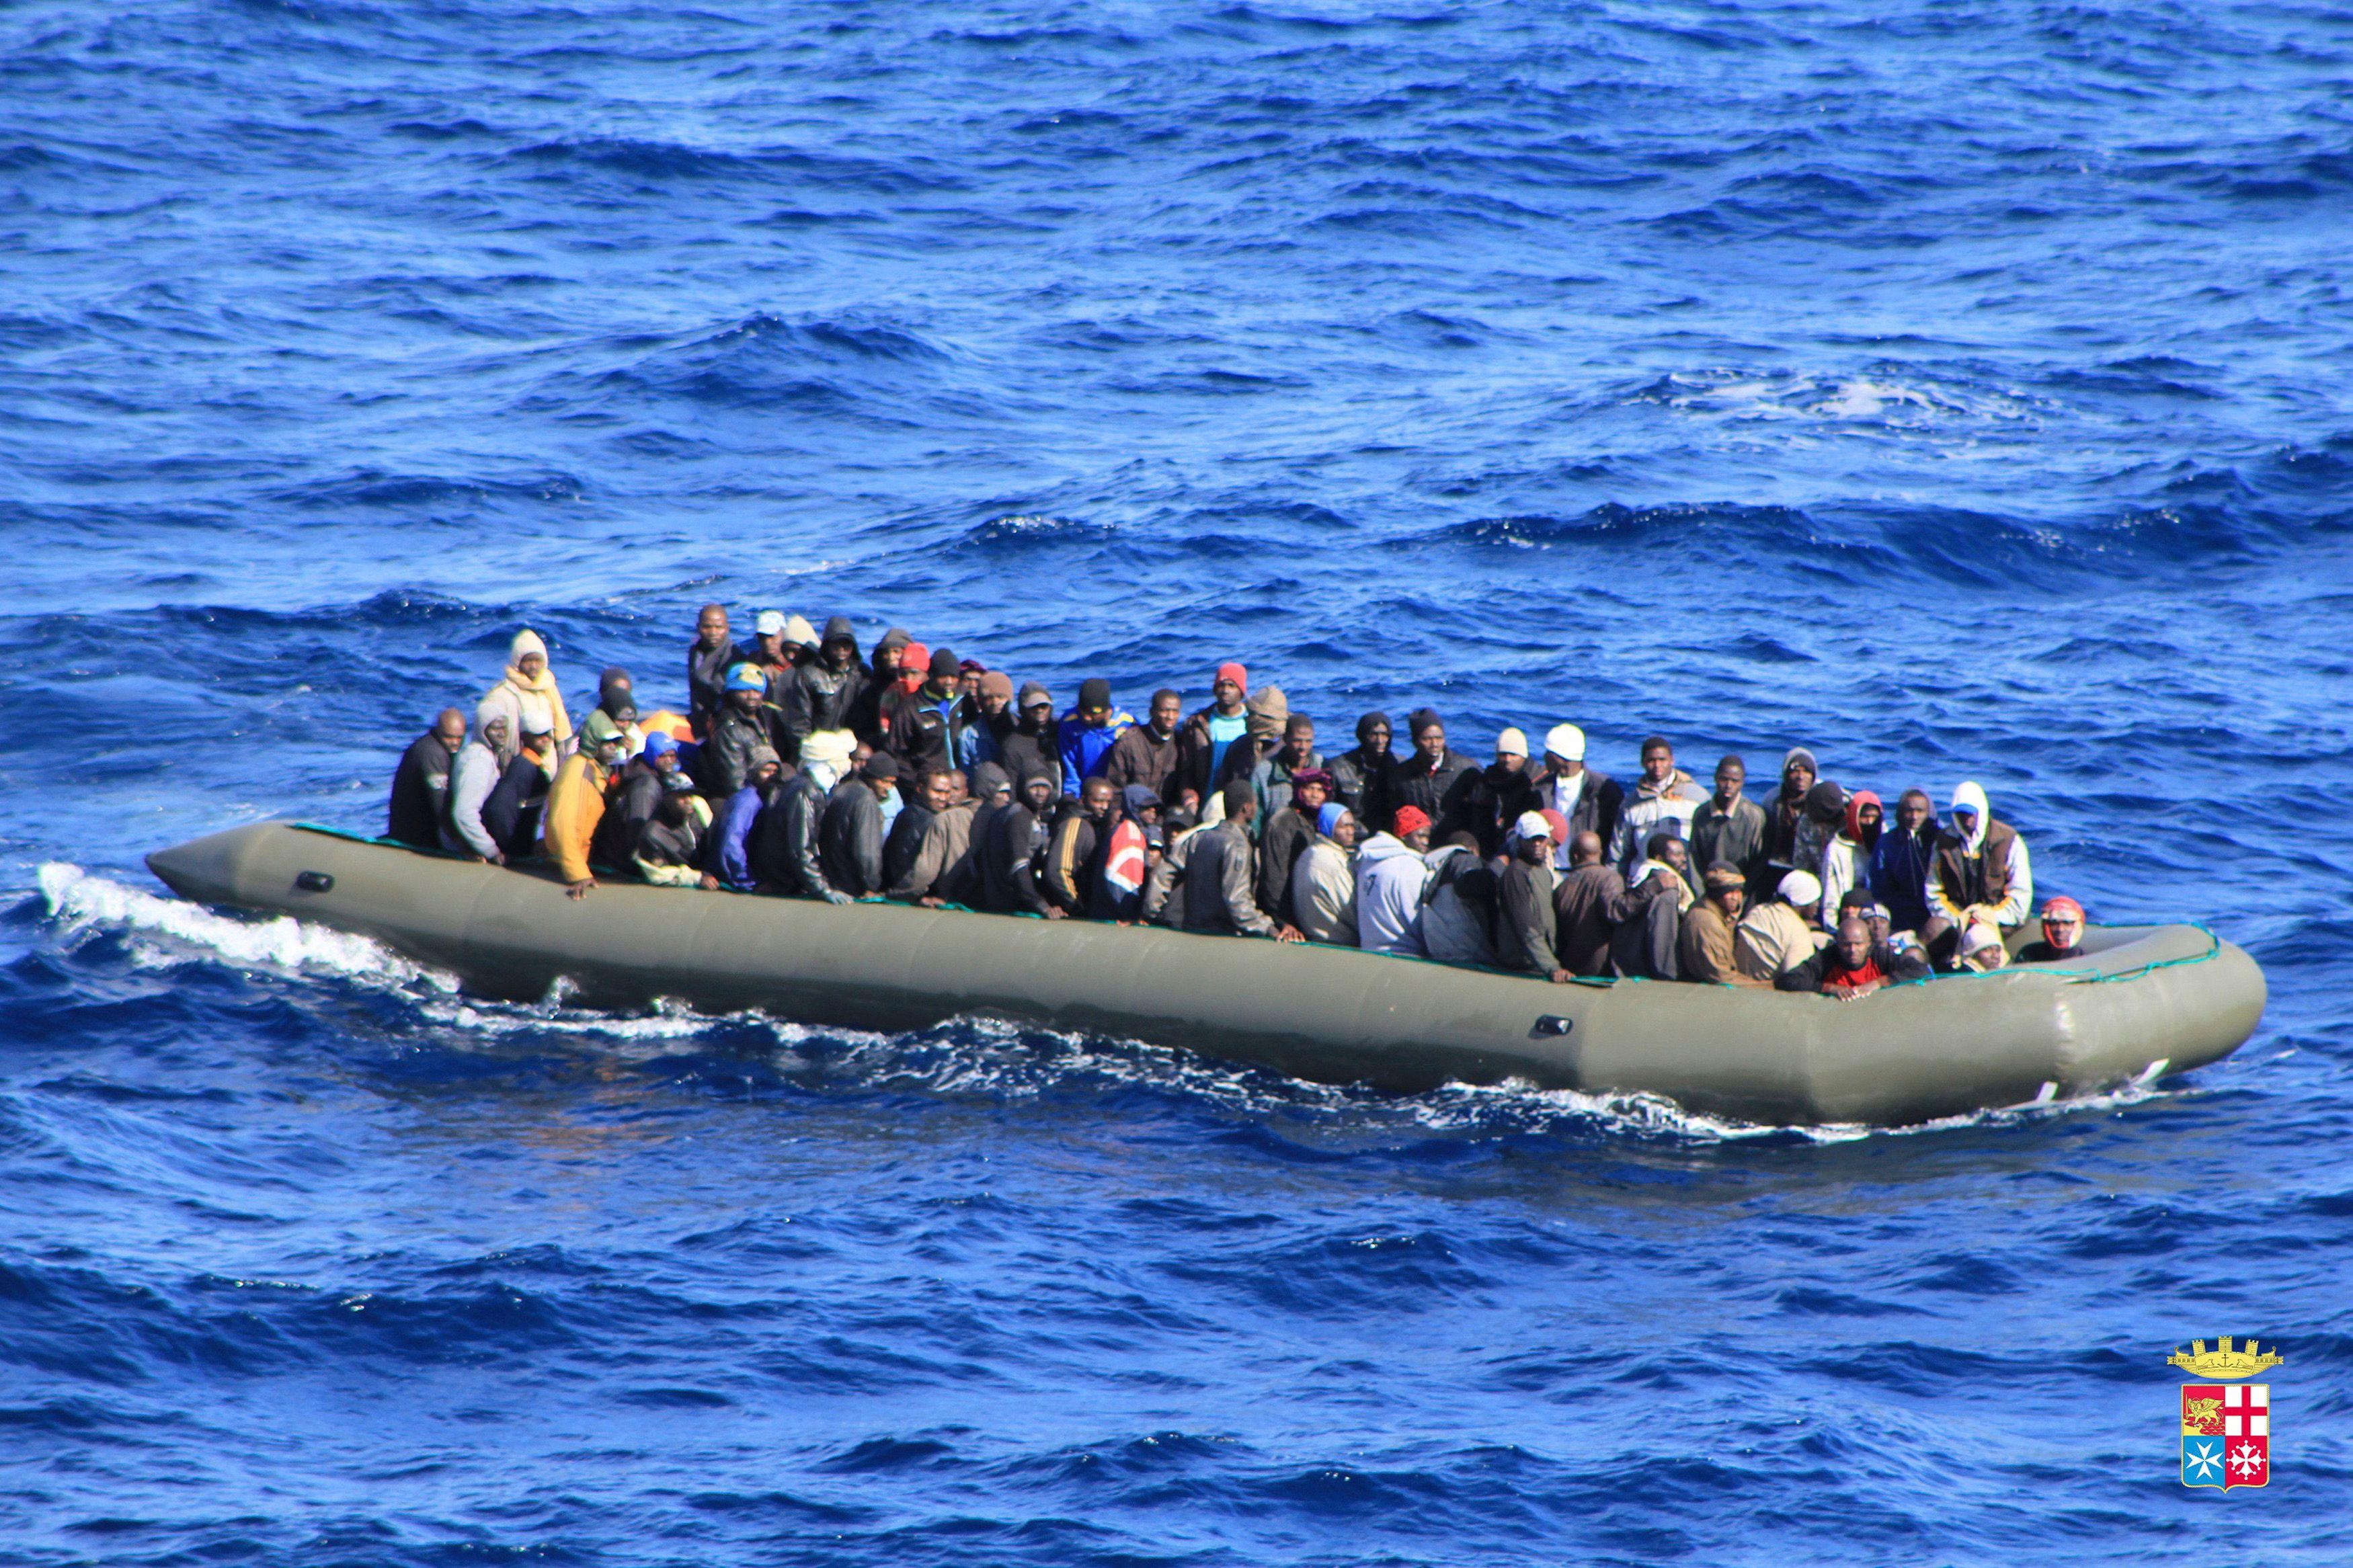 Le nombre de migrants arrivés sur les îles grecques a considérablement augmenté depuis le coup d'état manqué en Turquie